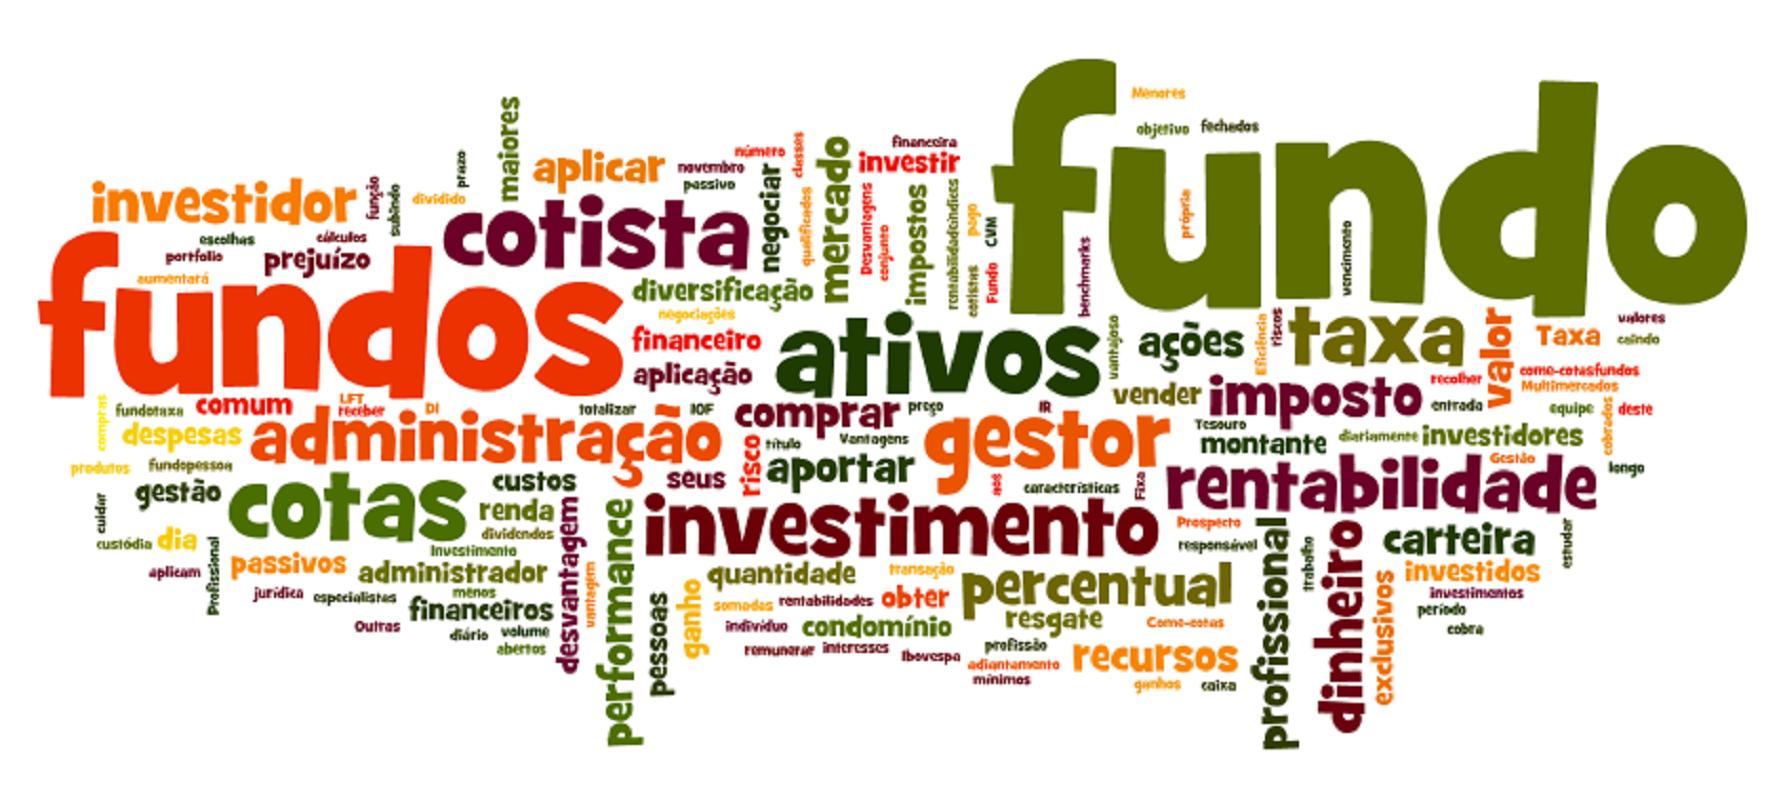 Fundo de investimento: vantagens e desvantagens